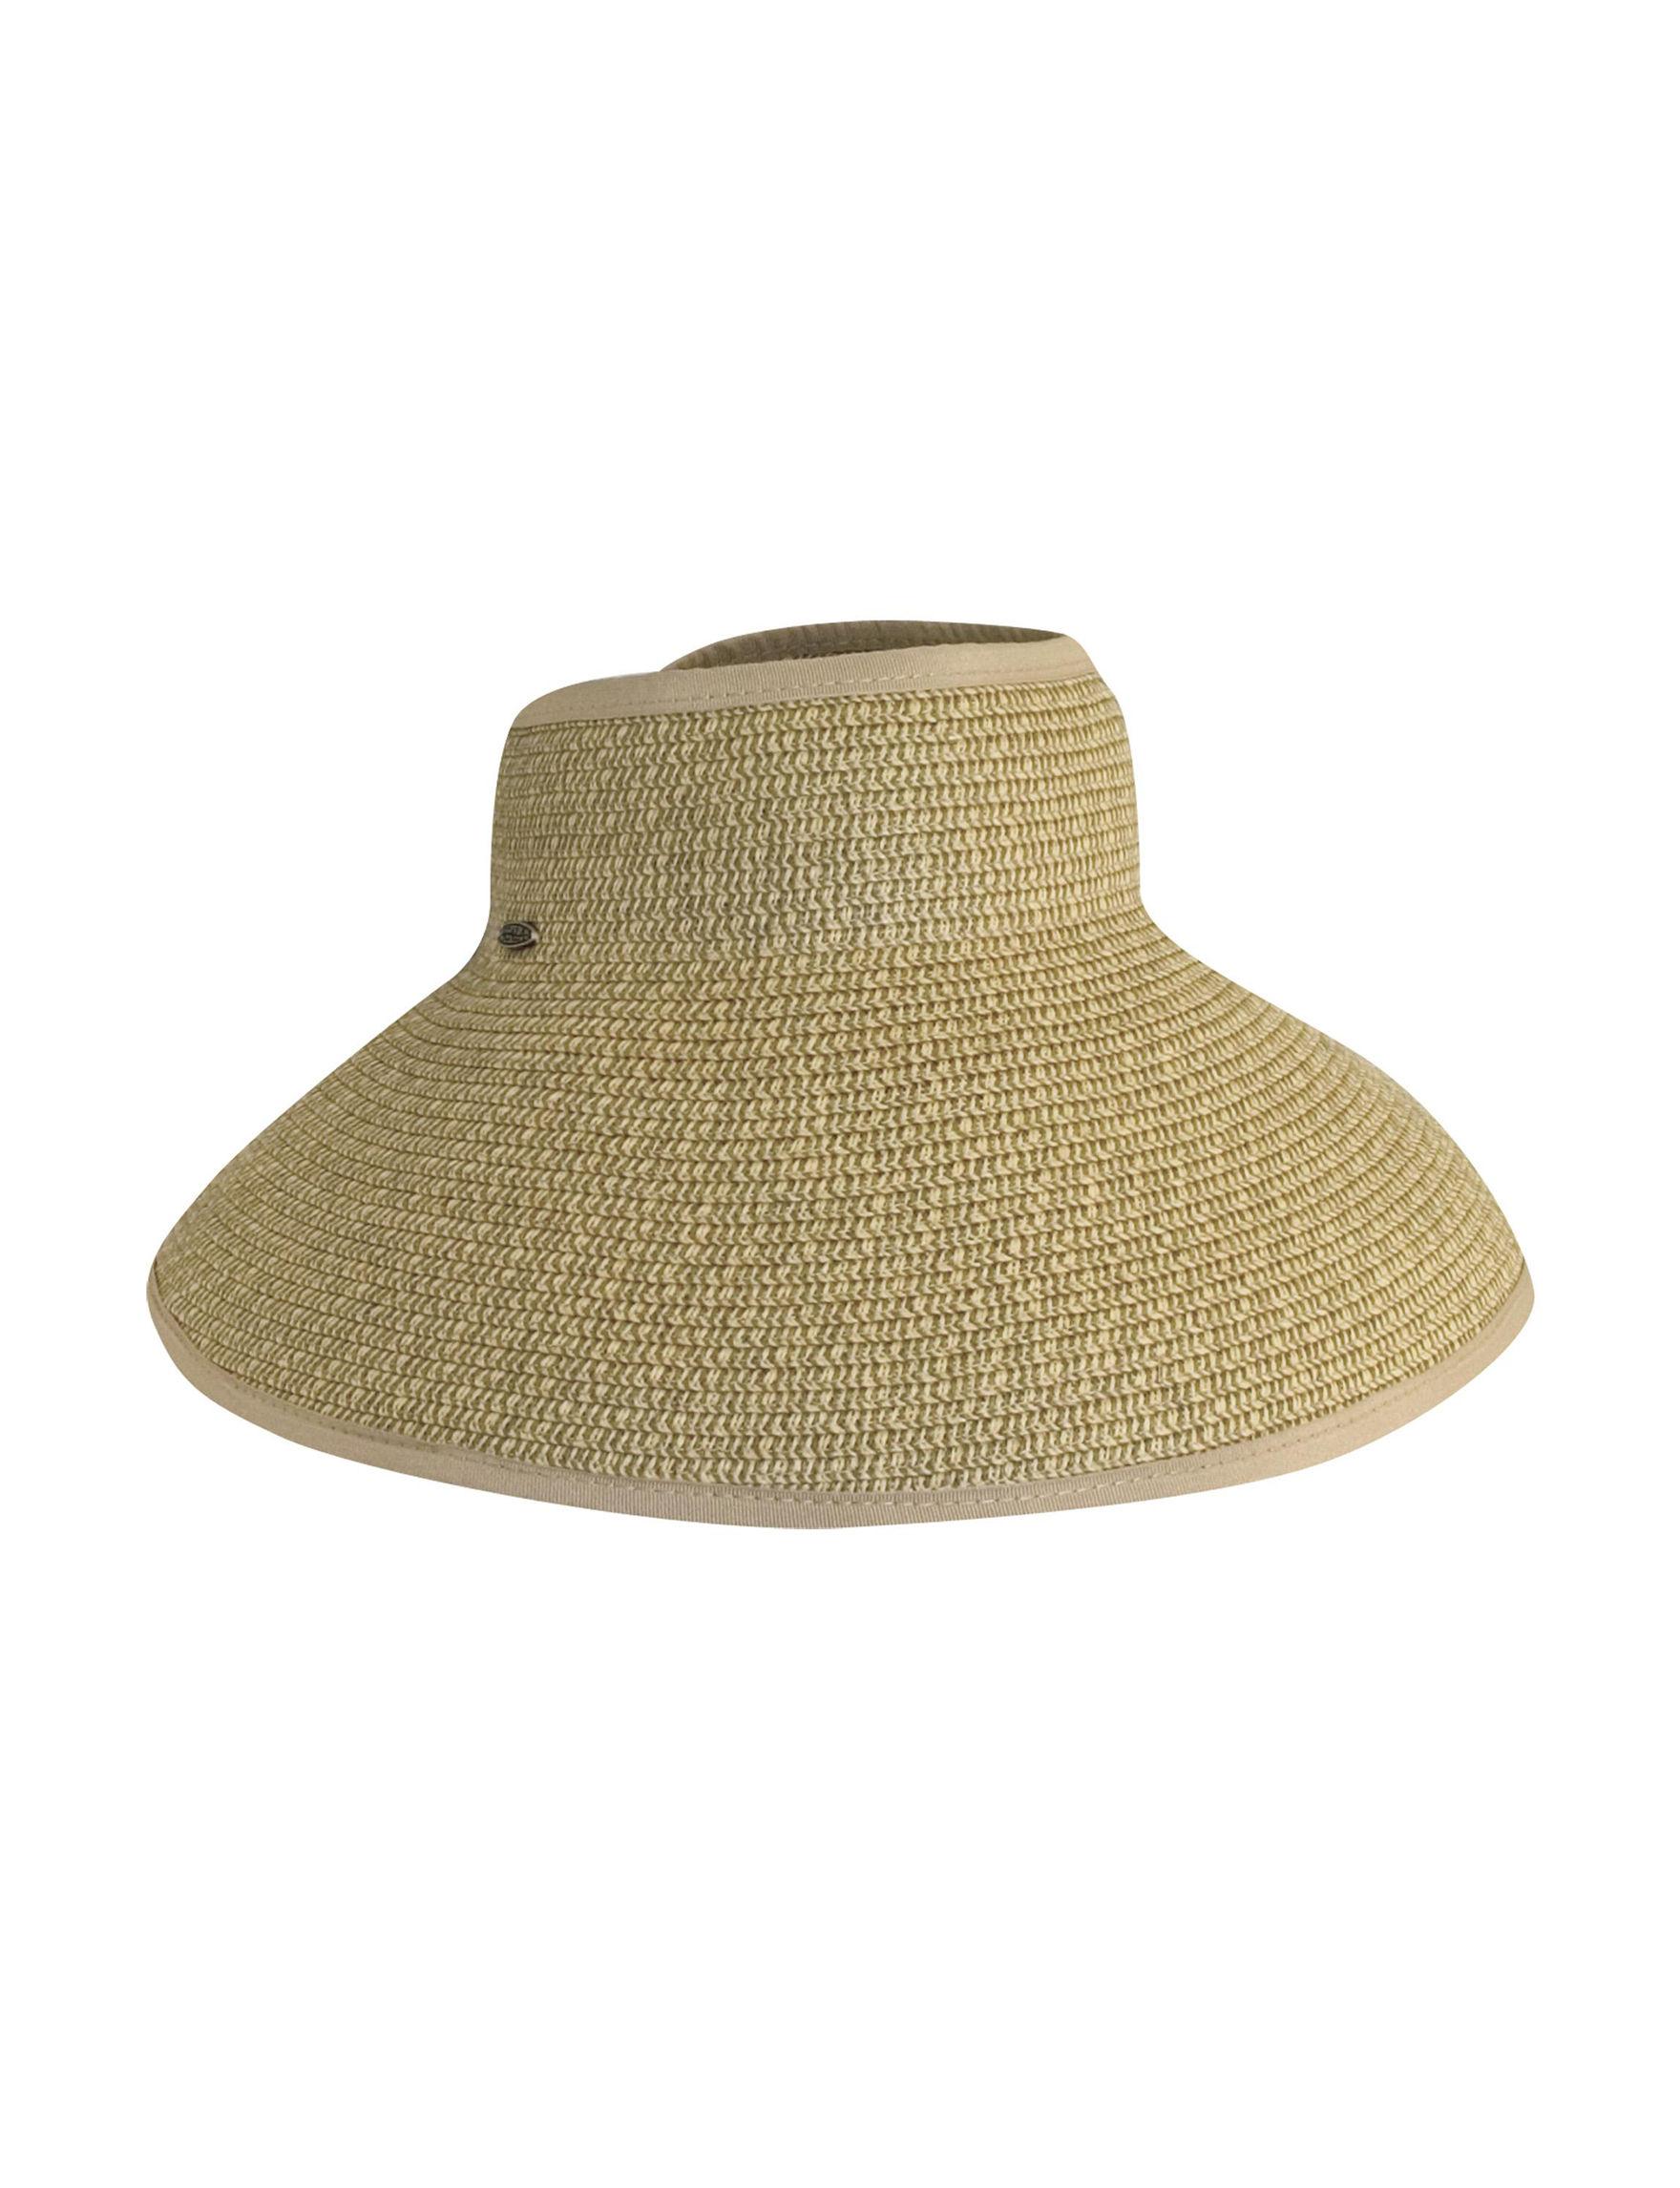 Scala Toast Hats & Headwear